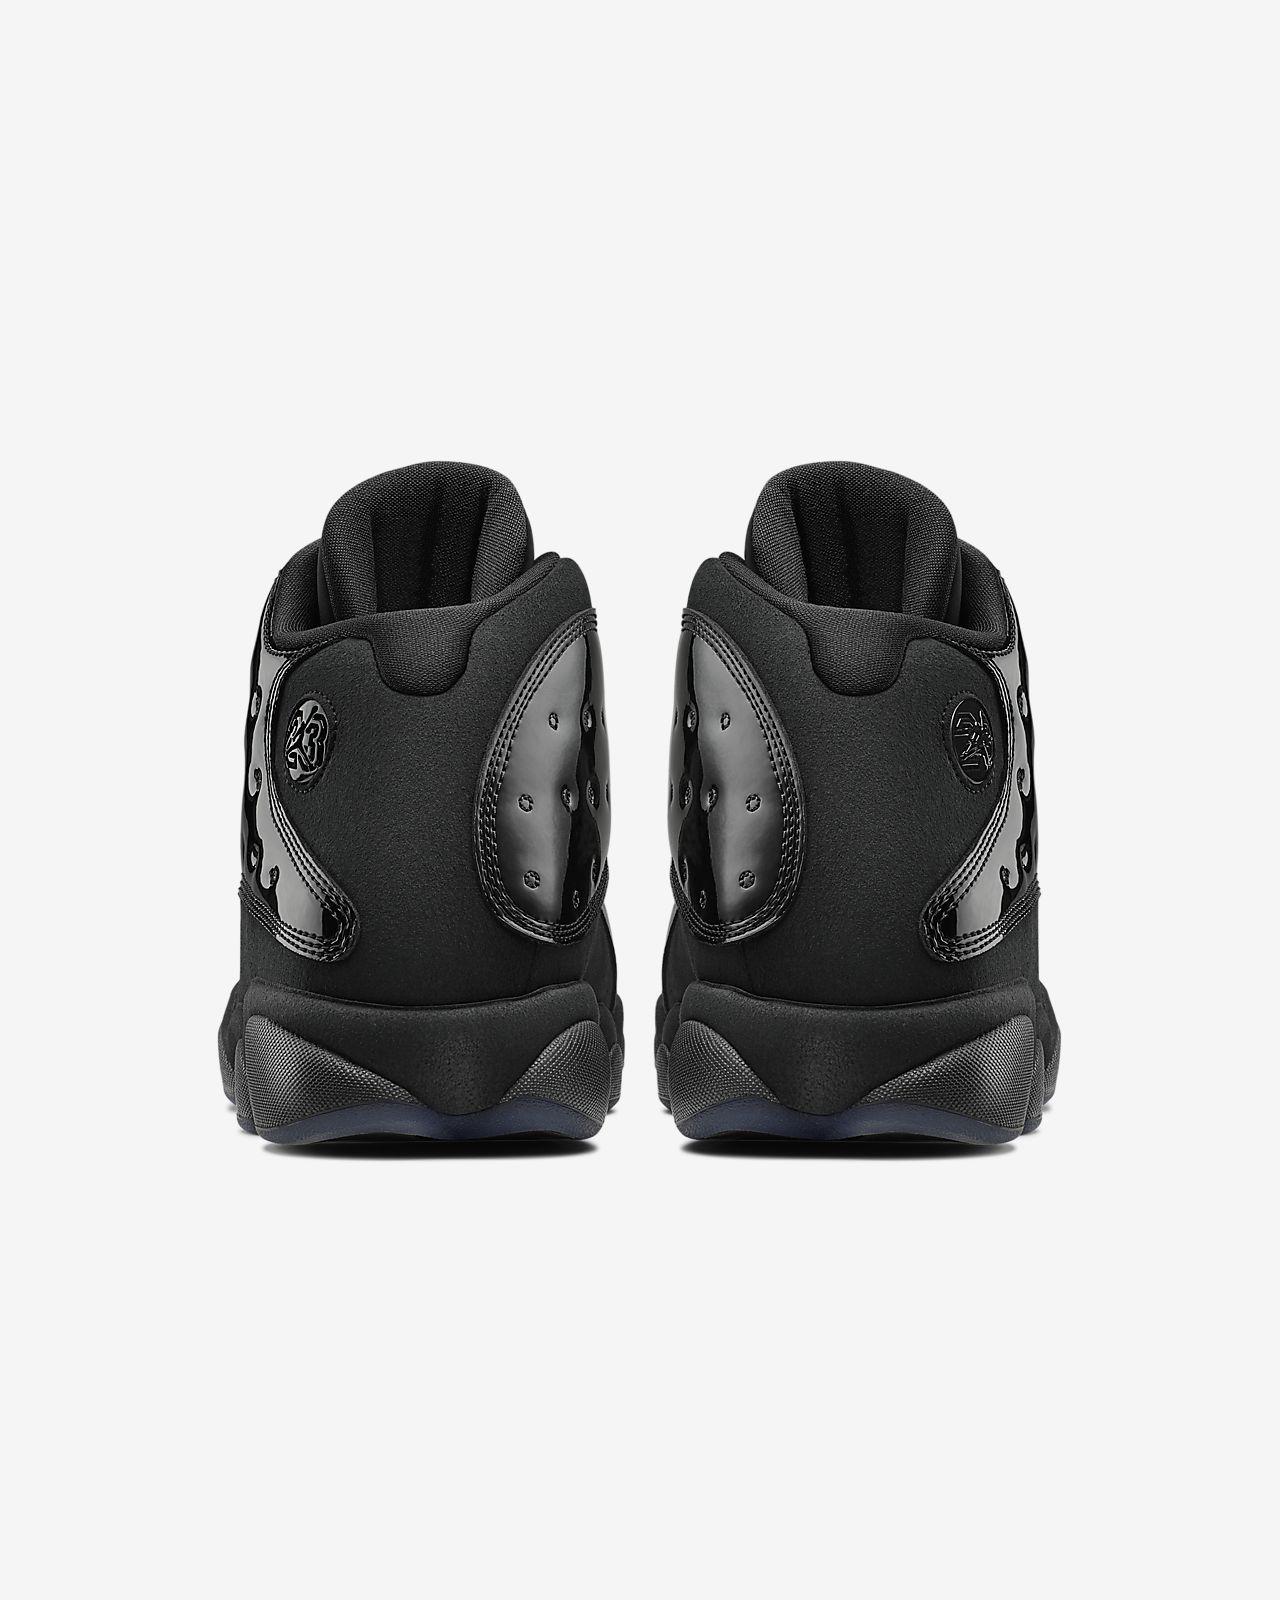 721e9d7b50e9 Air Jordan 13 Retro Men s Shoe. Nike.com